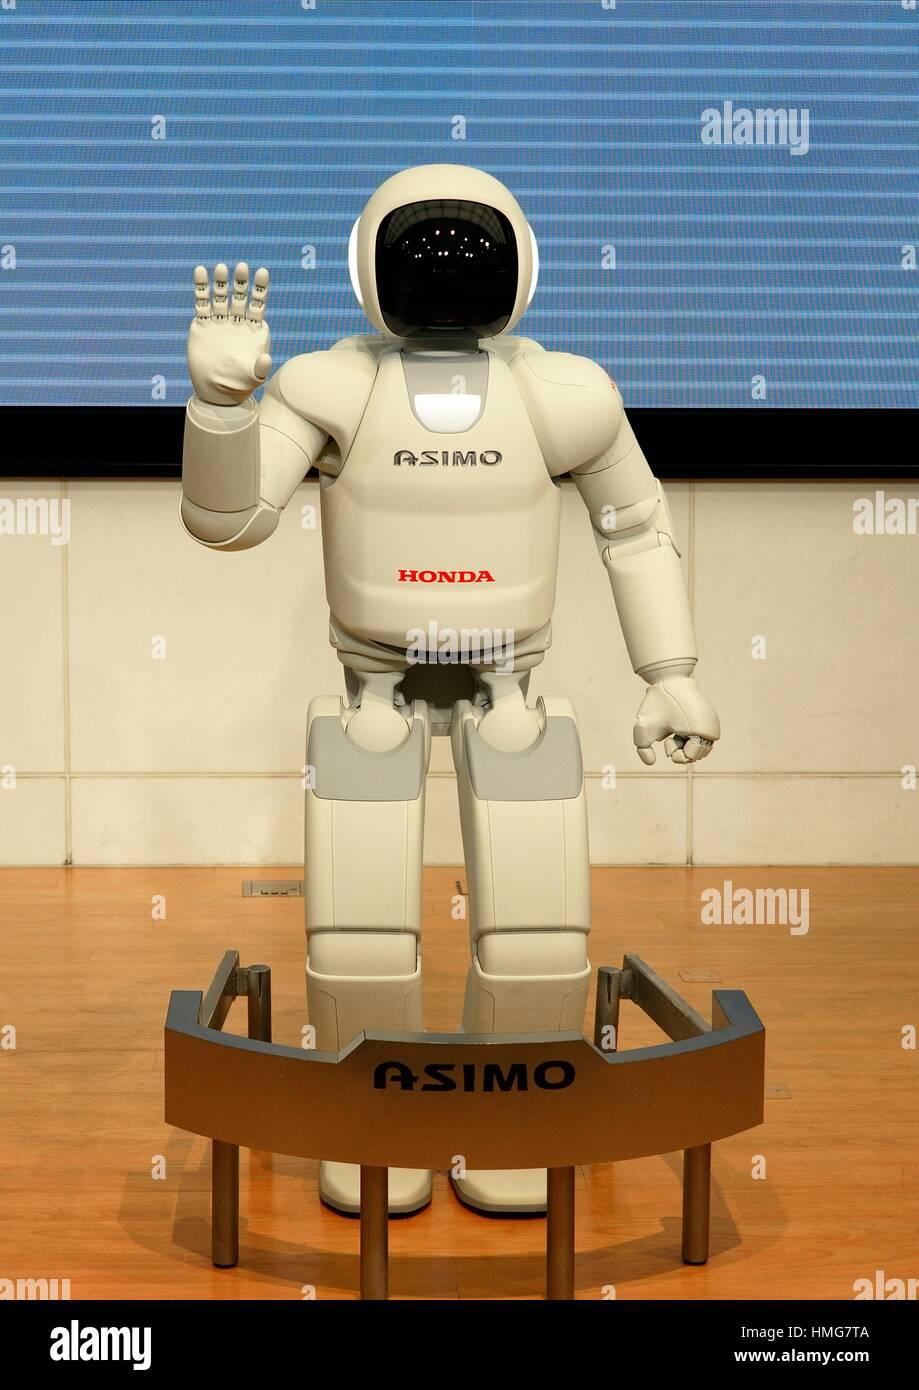 Honda Asimo robot mostrano in Honda Benvenuti Plaza Aoyama in Tokio, Marzo 2014 , Giappone Immagini Stock